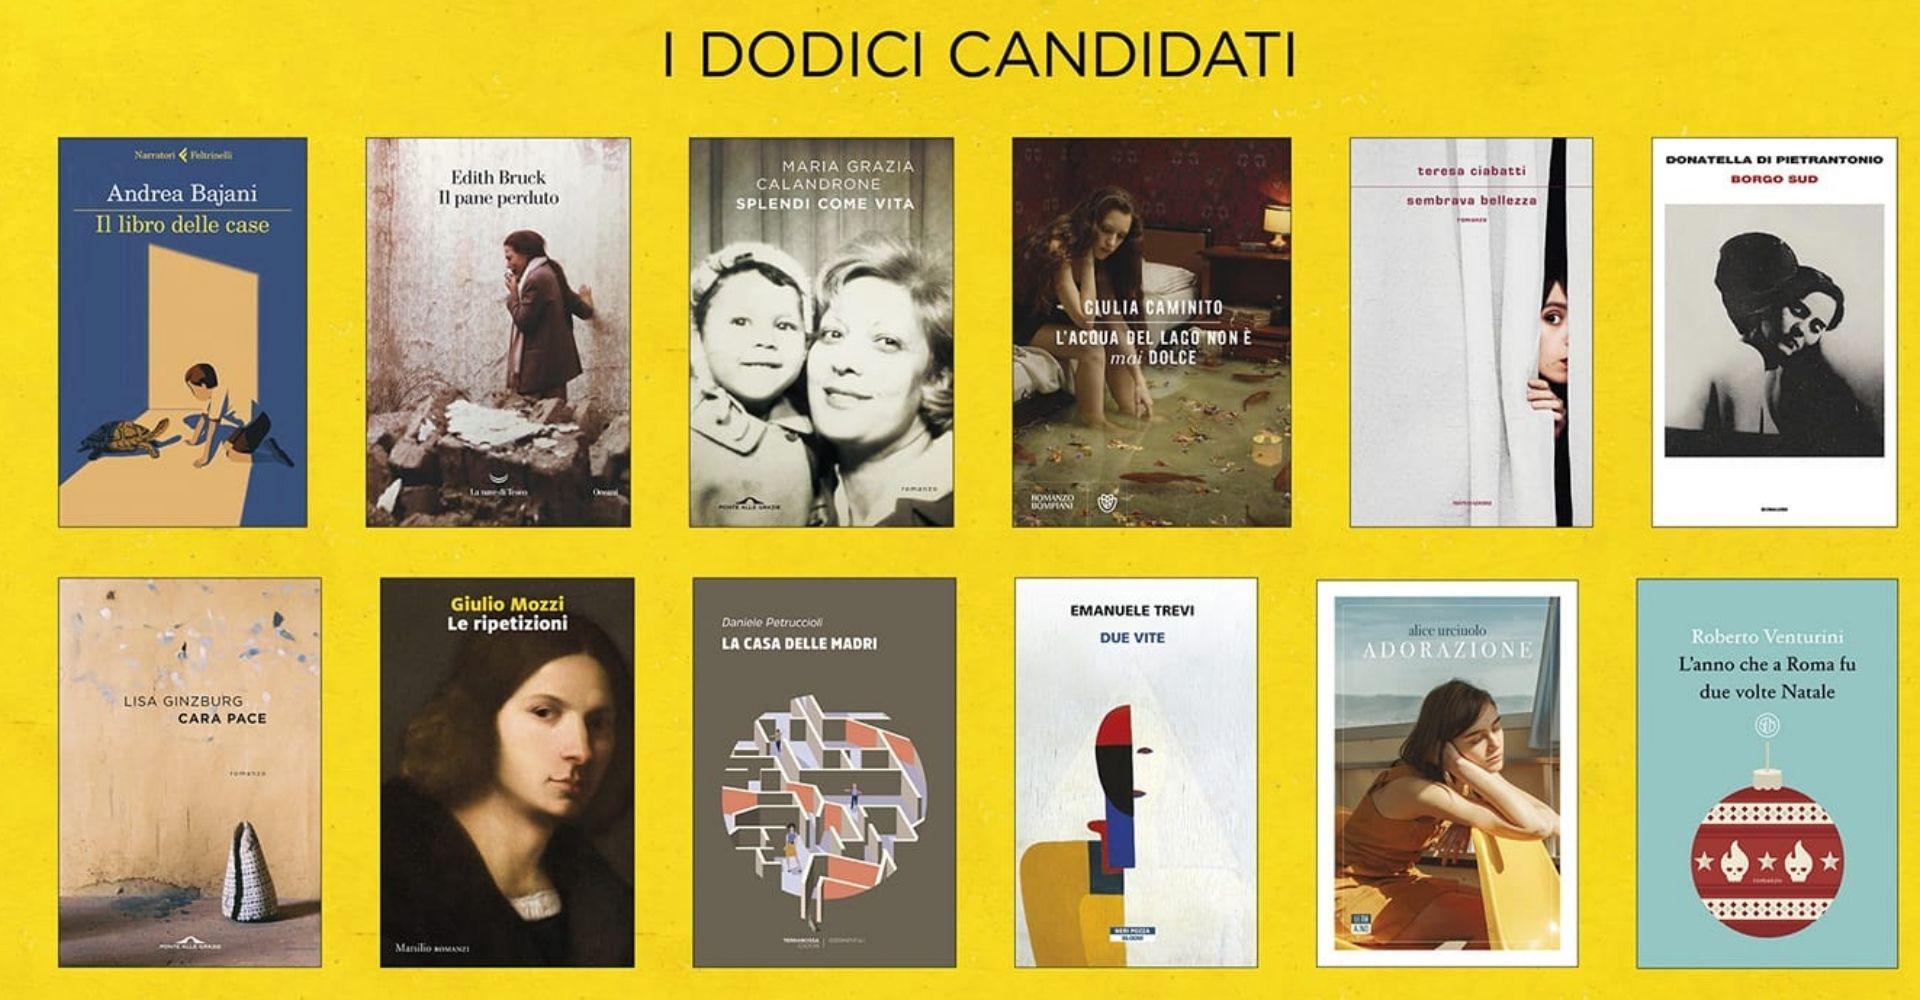 Quanta vita sulle copertine dei 12 libri candidati al Premio Strega 2021